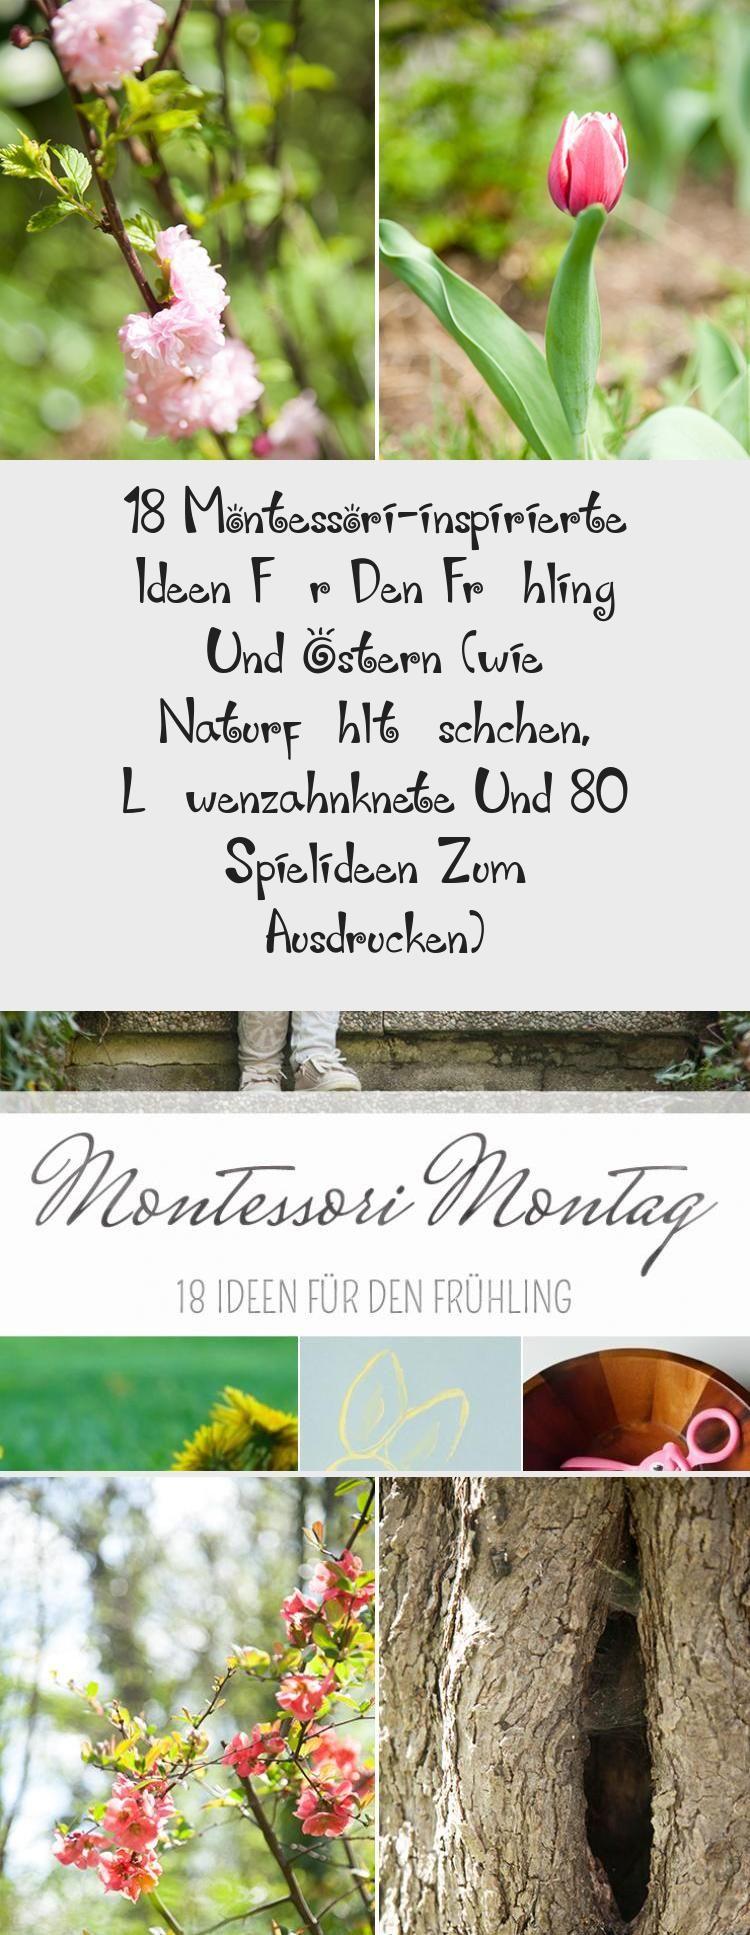 18 montessori-inspirierte Ideen für den Frühling und Ostern (wie Naturfühltä…